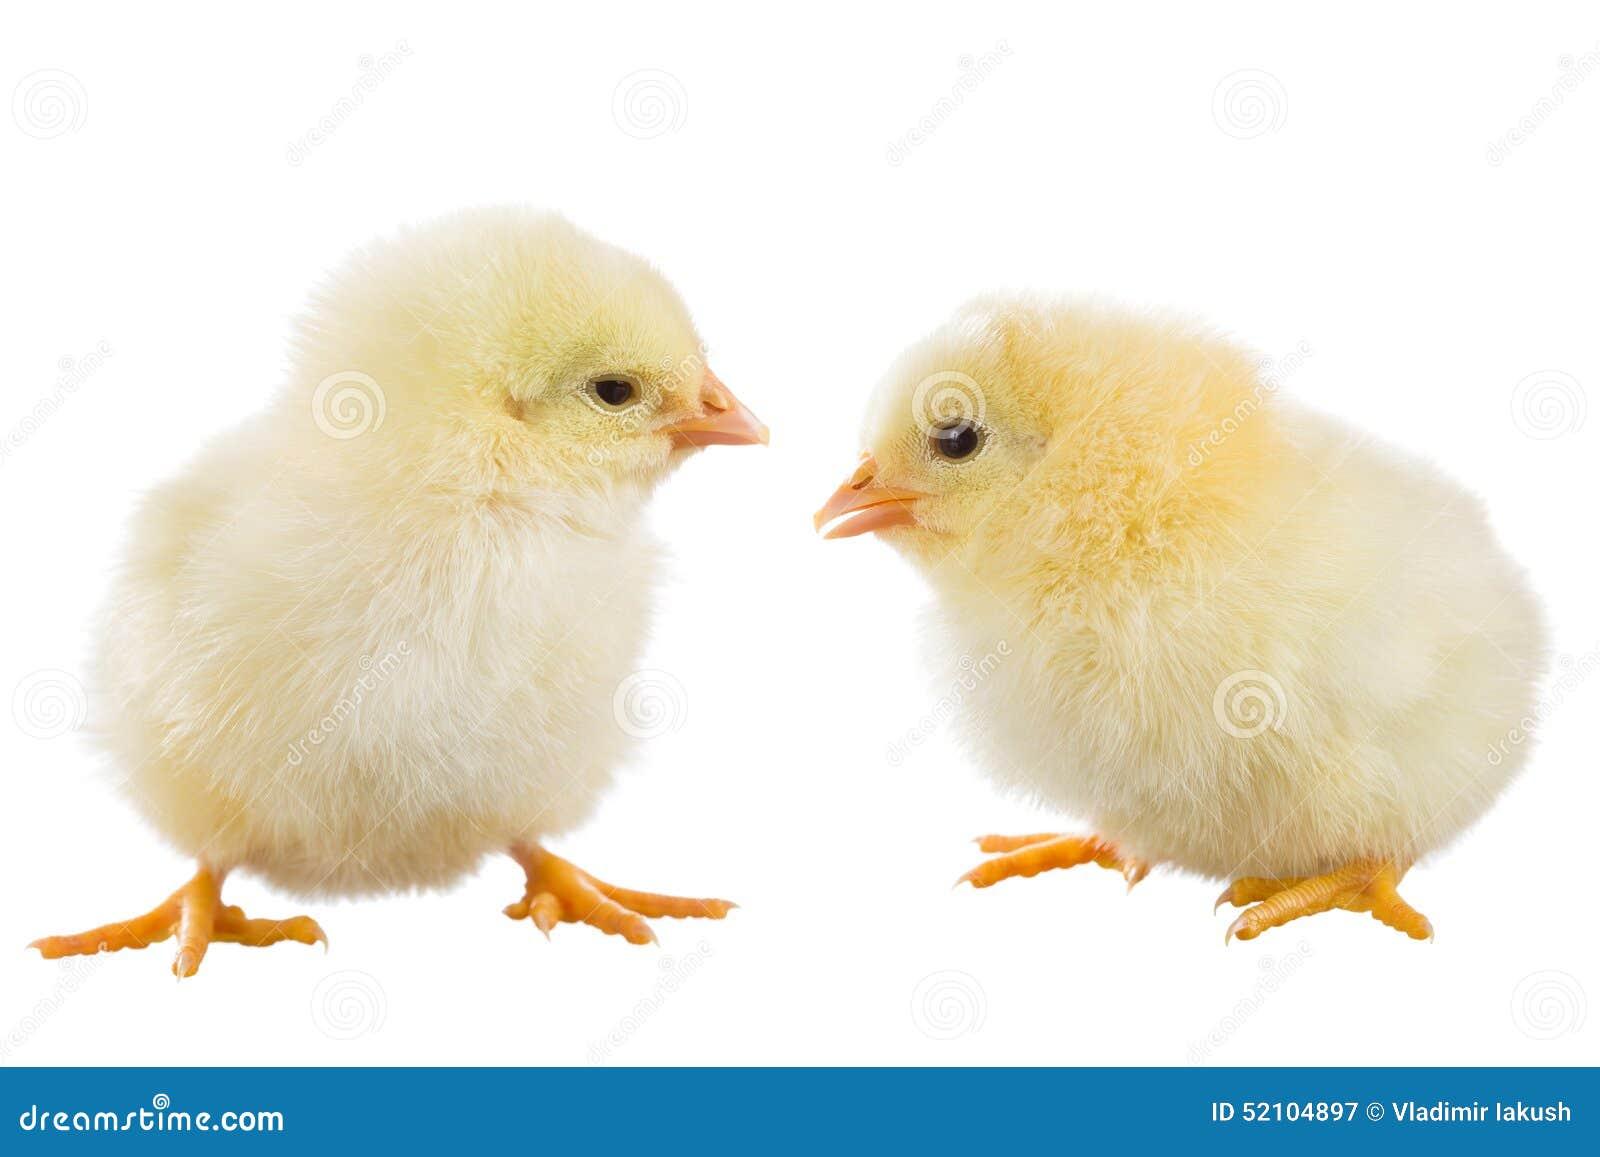 黄色录像鸡大巴_在白色背景隔绝的黄色鸡.